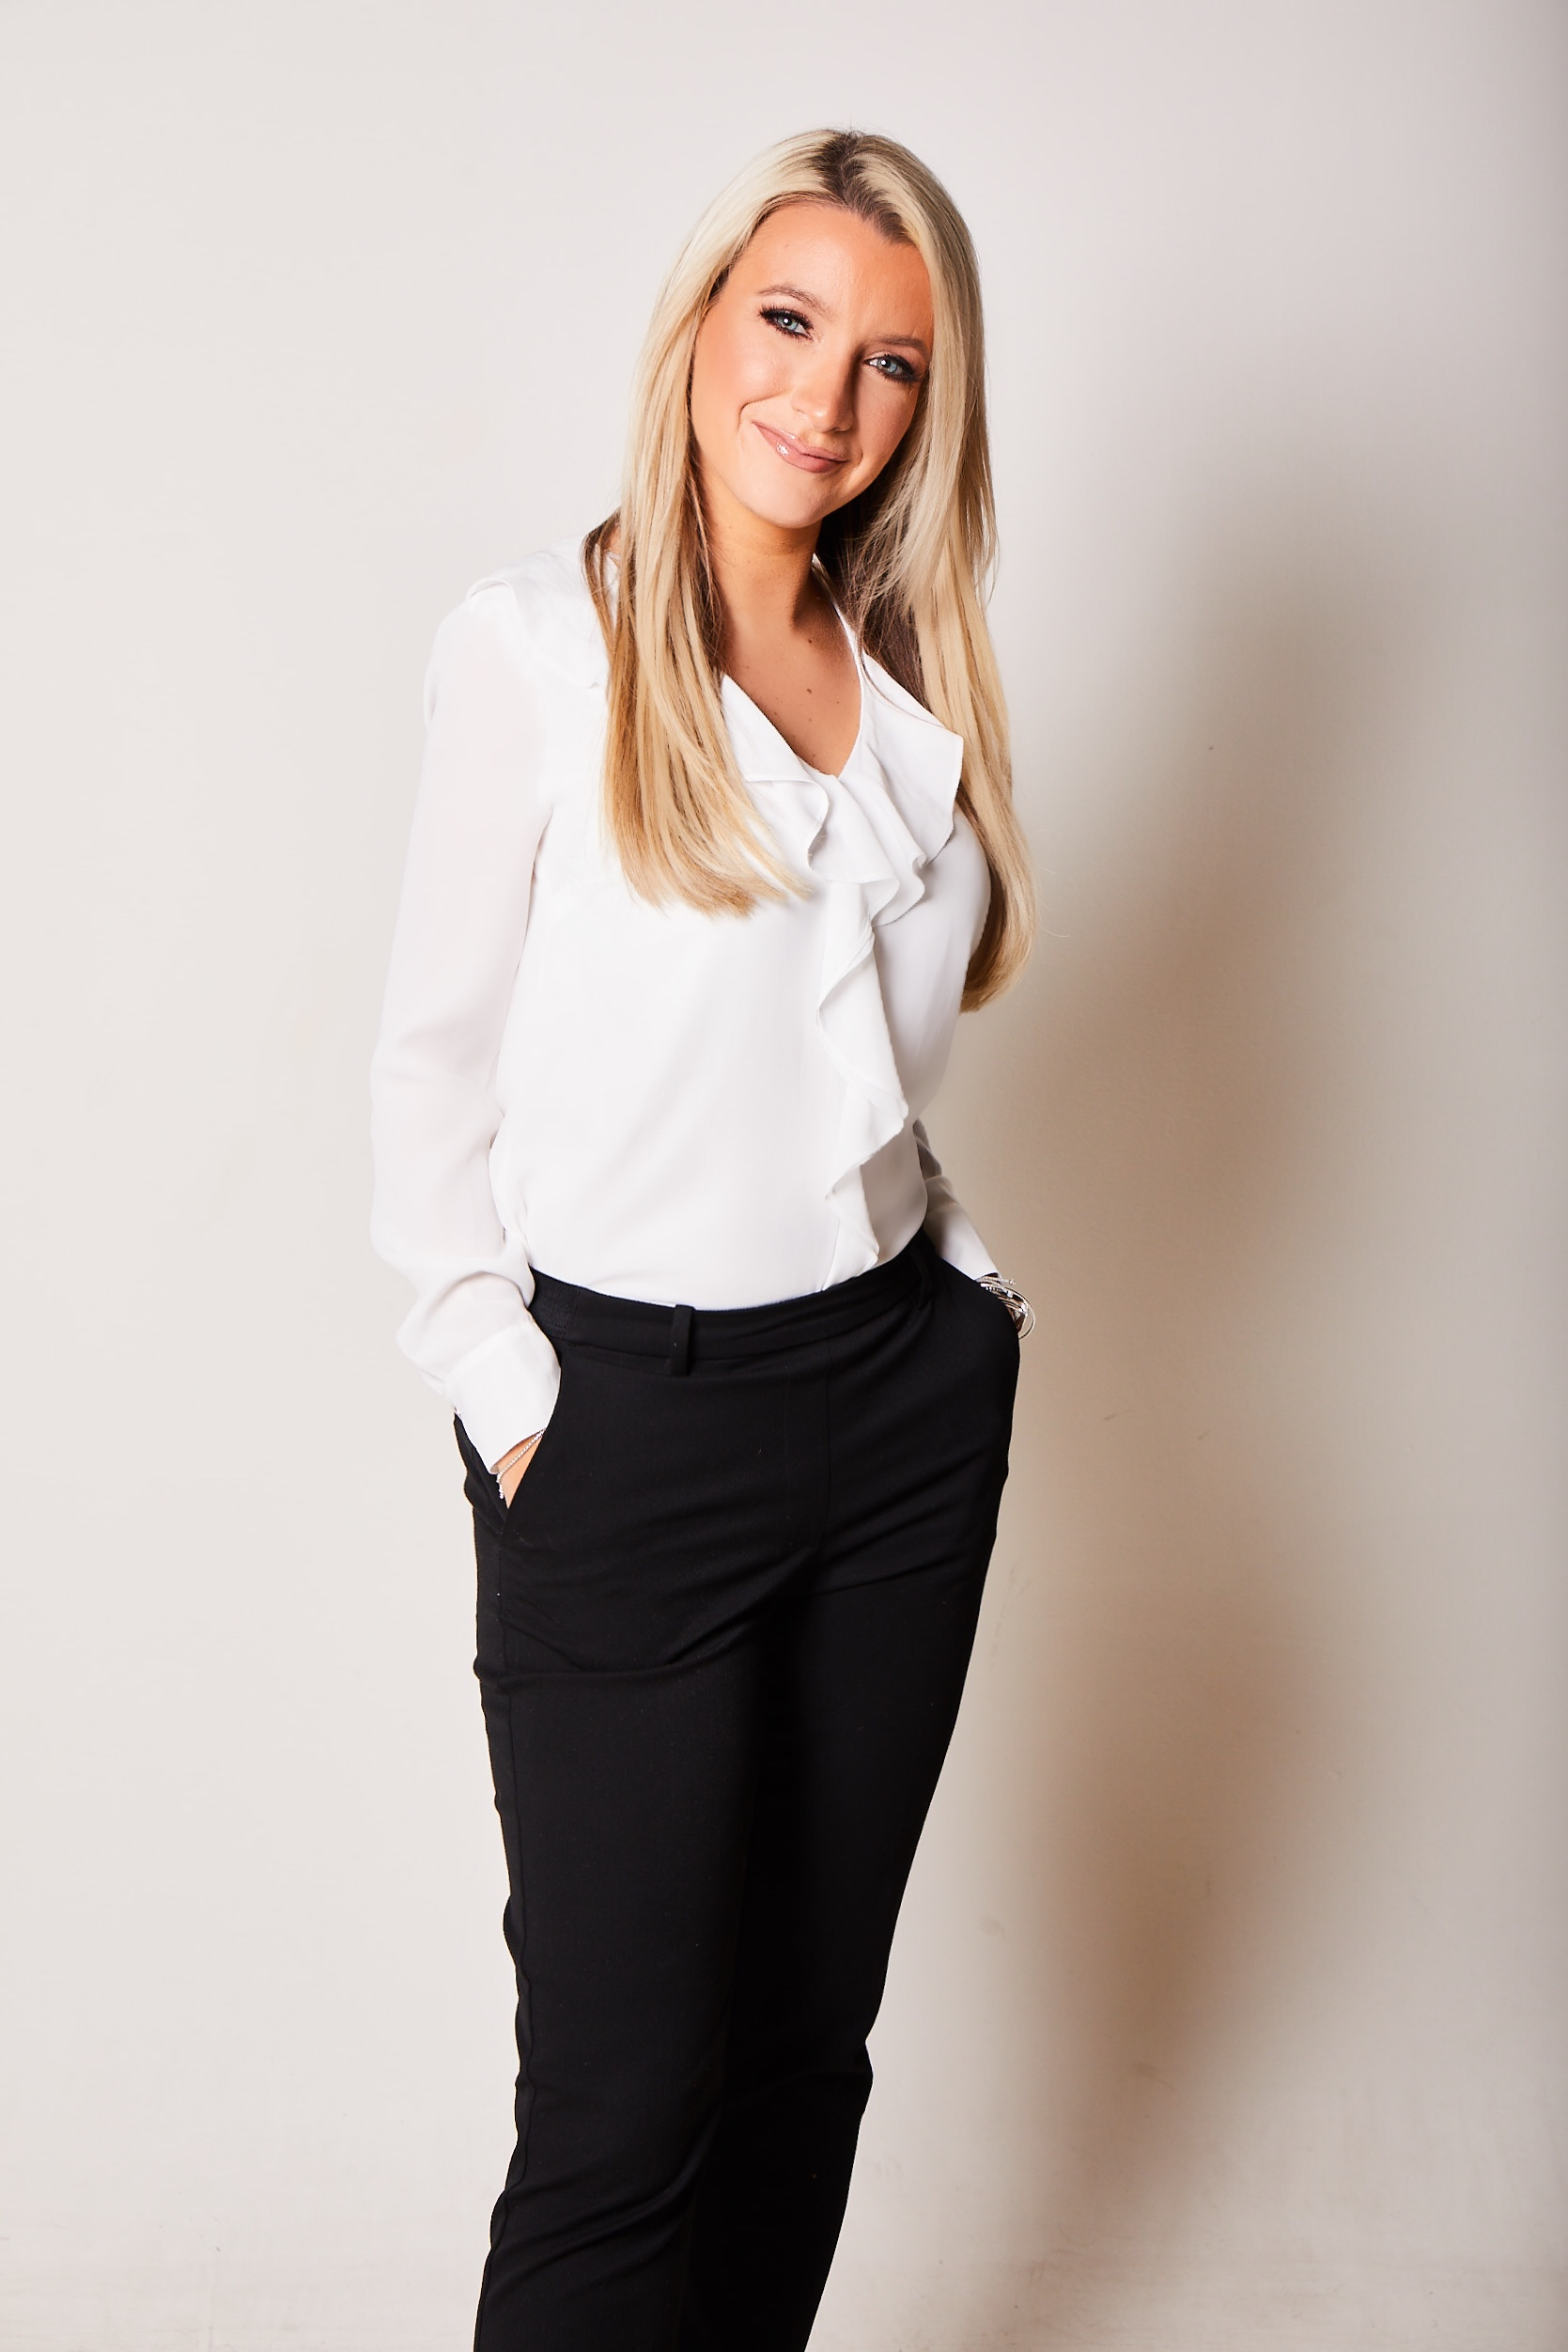 Charlotte Tobin